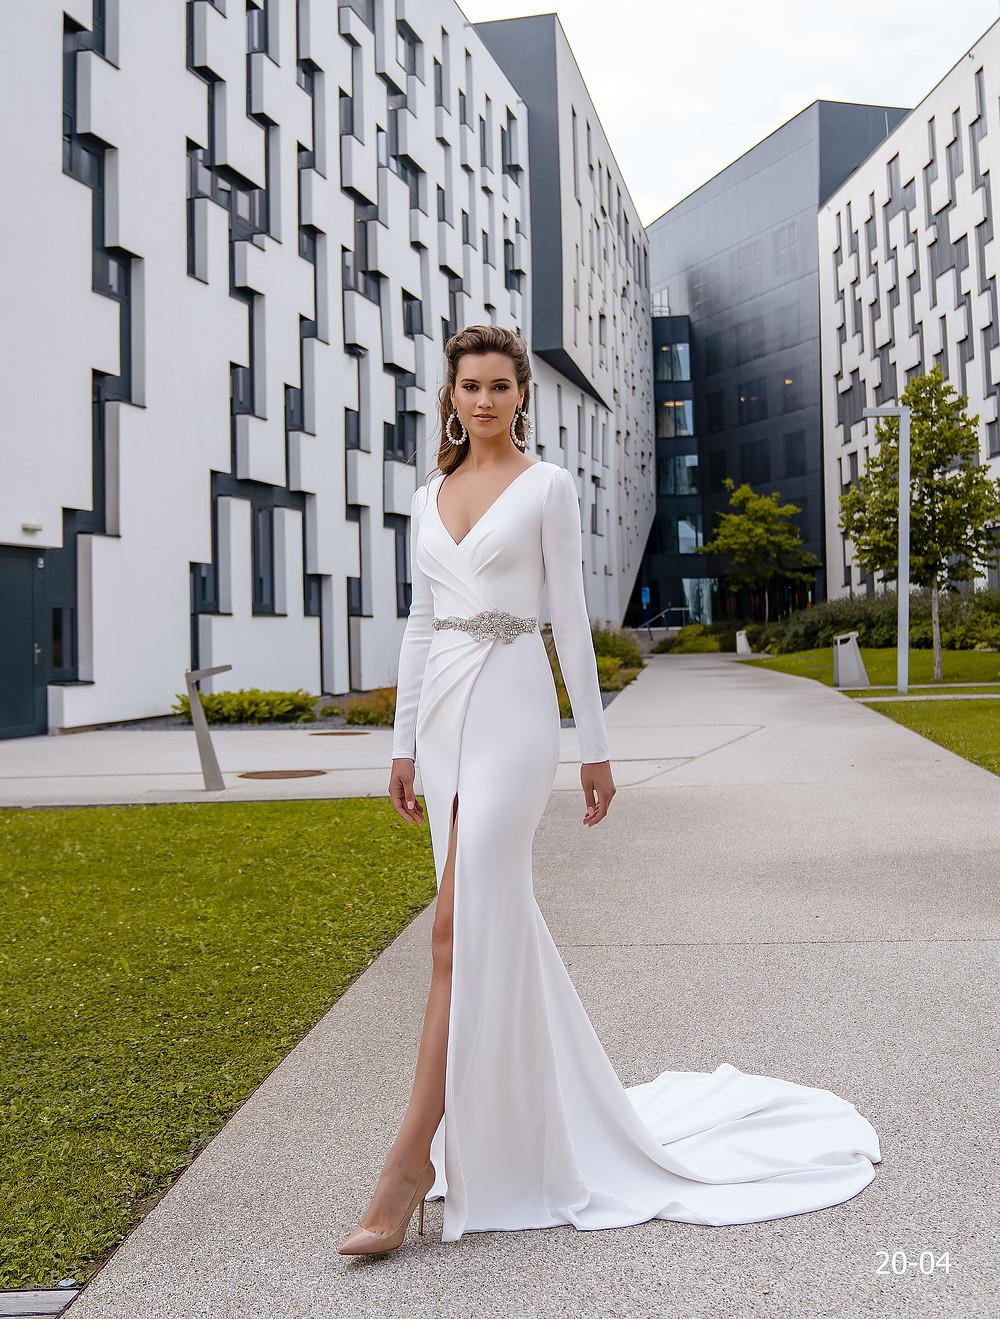 rochii de mireasa, rochii de mireasa eden bride, rochii de mireasa ieftine bucuresti, rochii de mireasa plaja